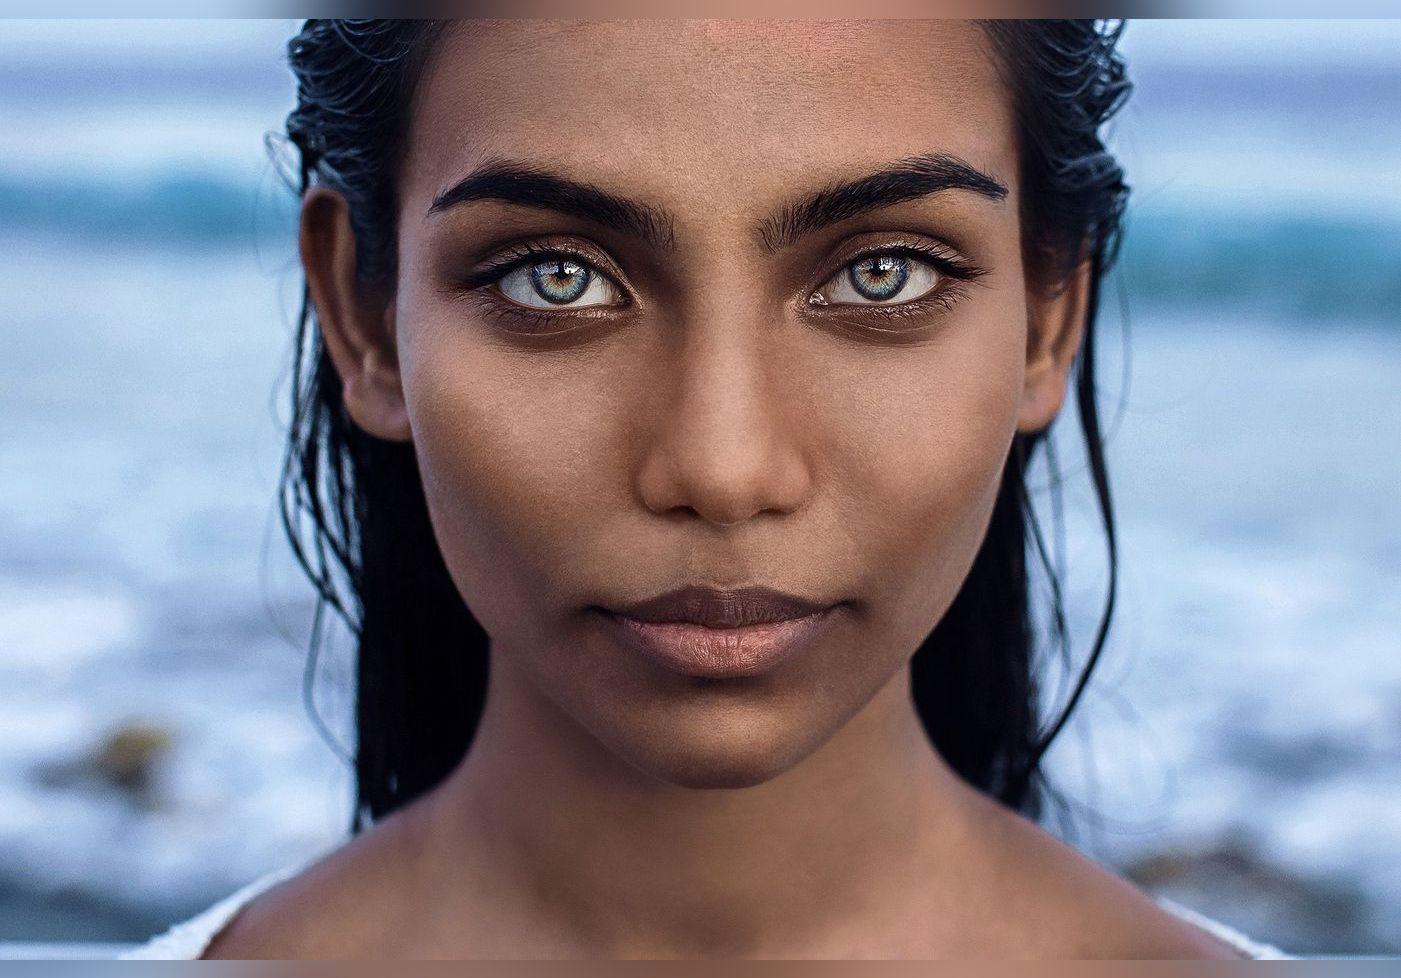 Les yeux ou la bouche, quelle partie du visage attire le plus les hommes et les femmes ?